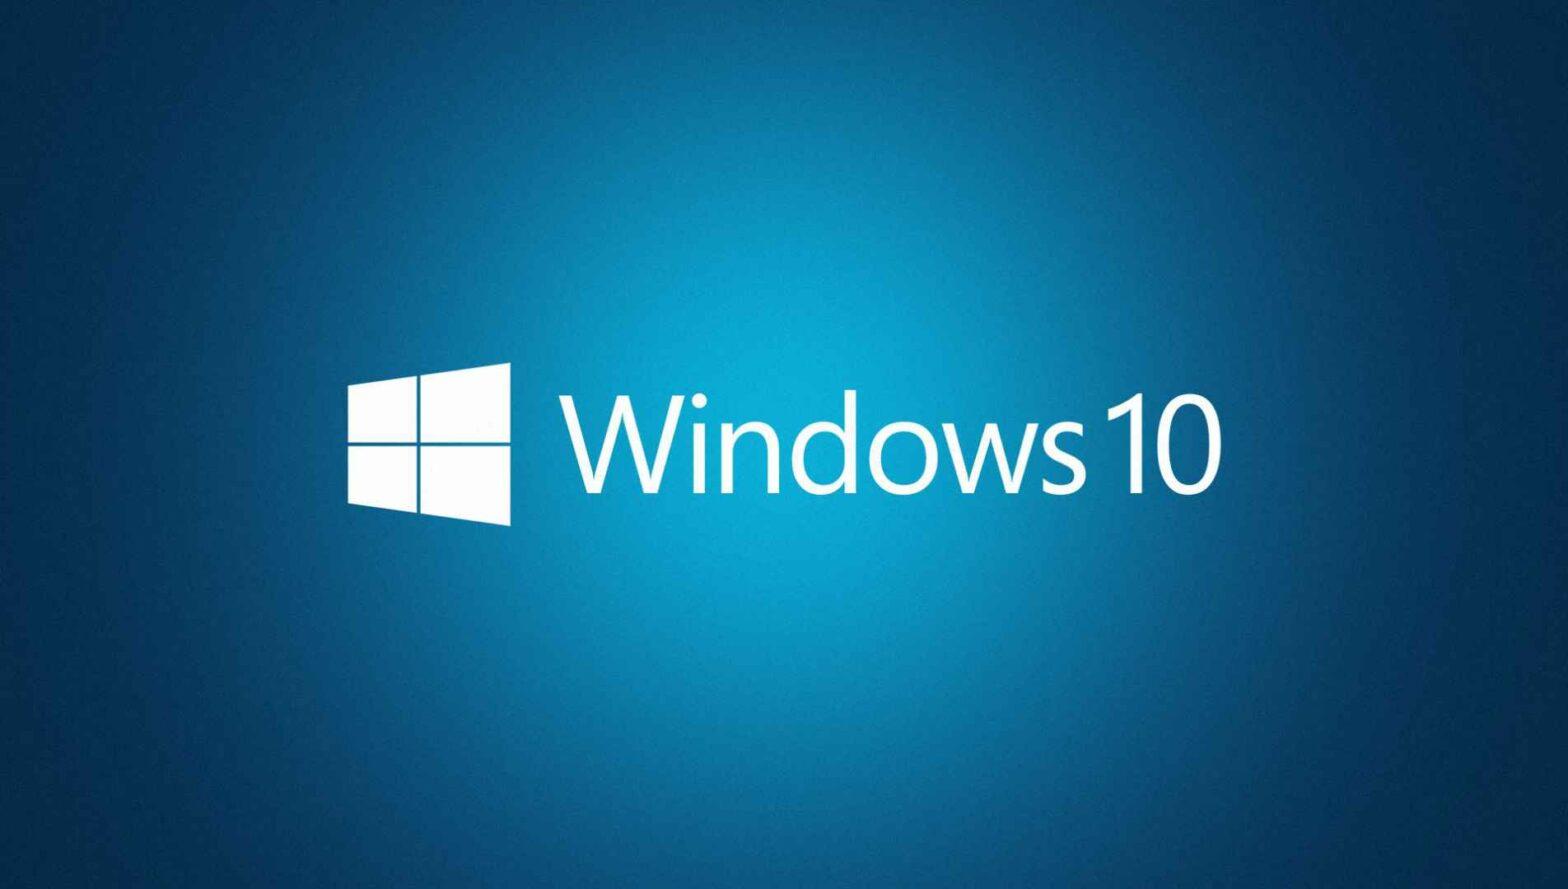 Windows 10: Zwei große Updates 2017